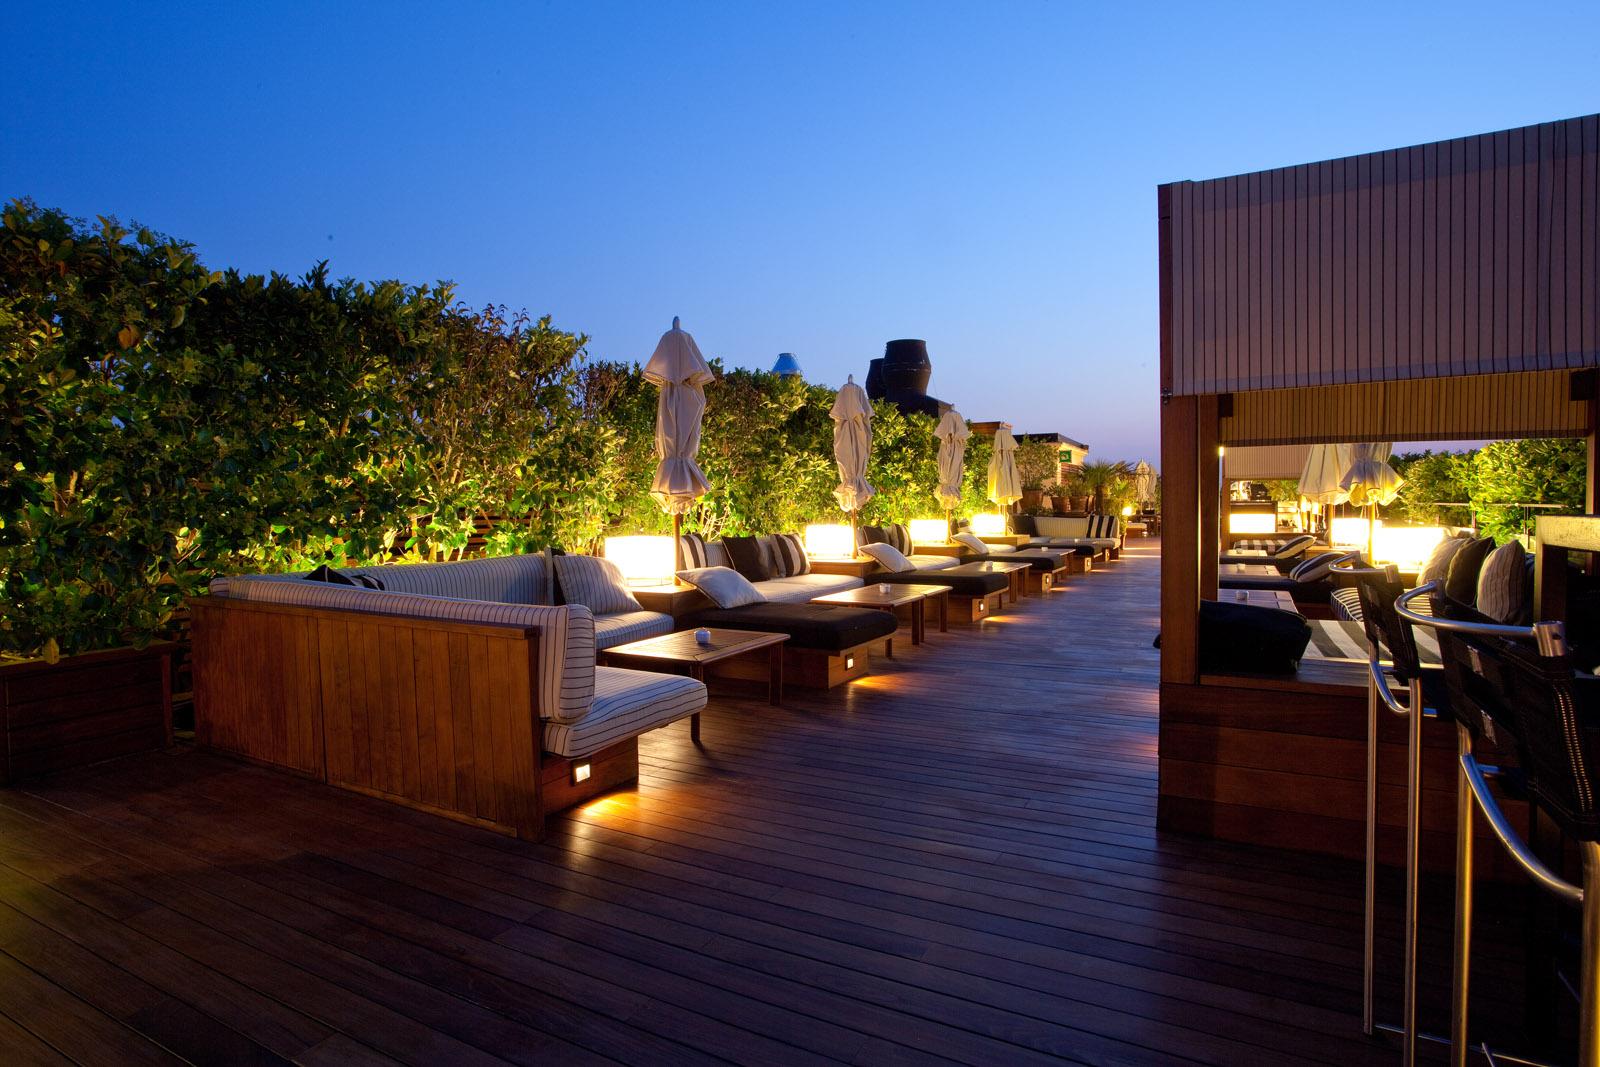 5 best rooftop bars in barcelona linguaschools barcelona for Terrazas de hoteles en barcelona